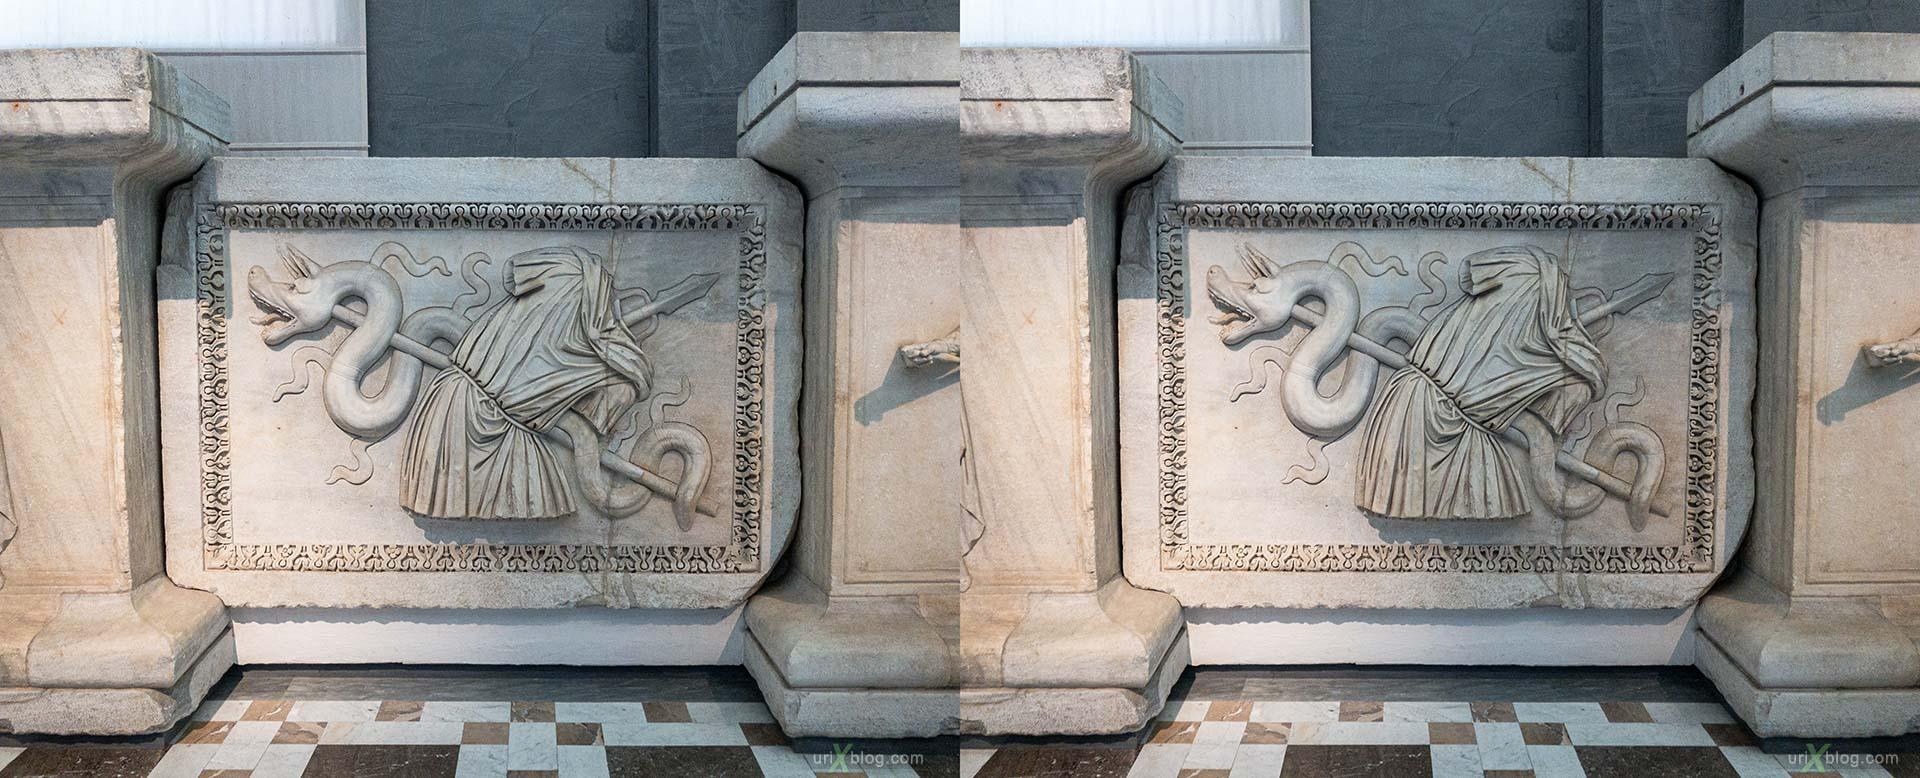 Национальный археологический музей Неаполя, Древний Рим, Помпеи, выставка, Неаполь, Италия, 3D, перекрёстная стереопара, стерео, стереопара